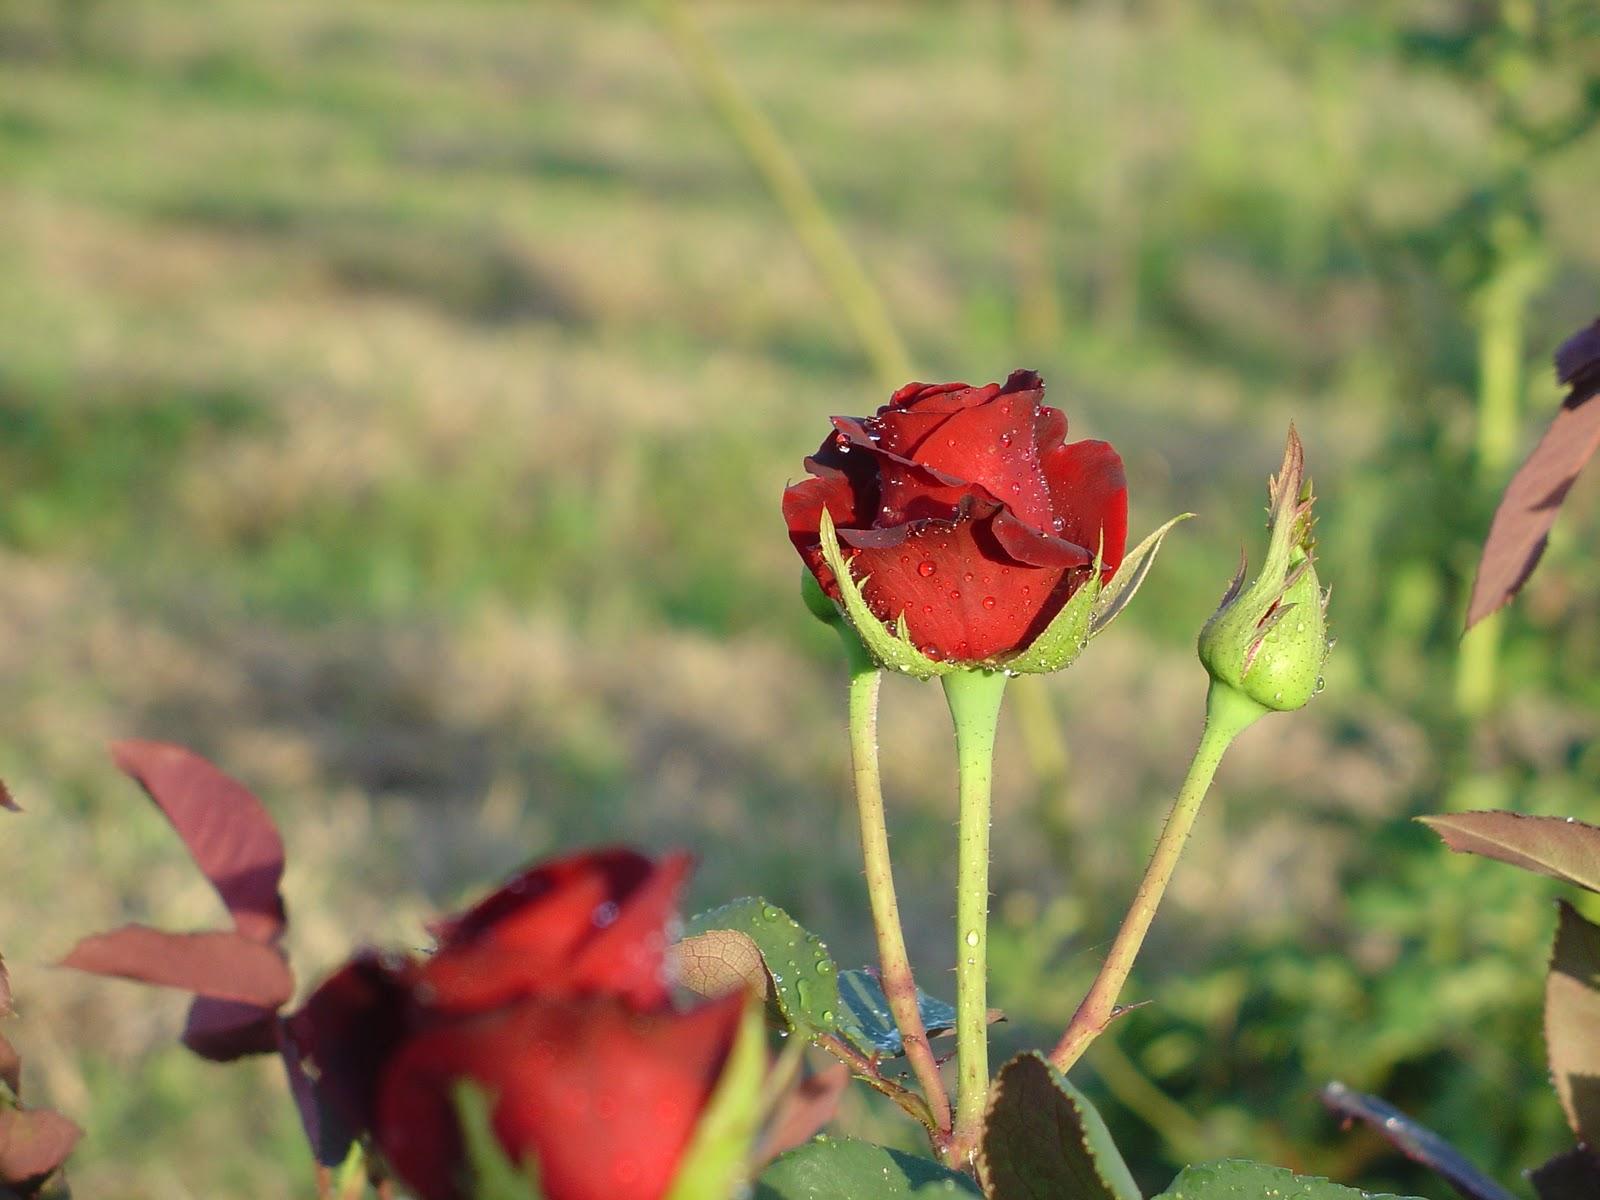 Vivero de plantas de rosas jujuy galer a de im genes for Viveros de plantas